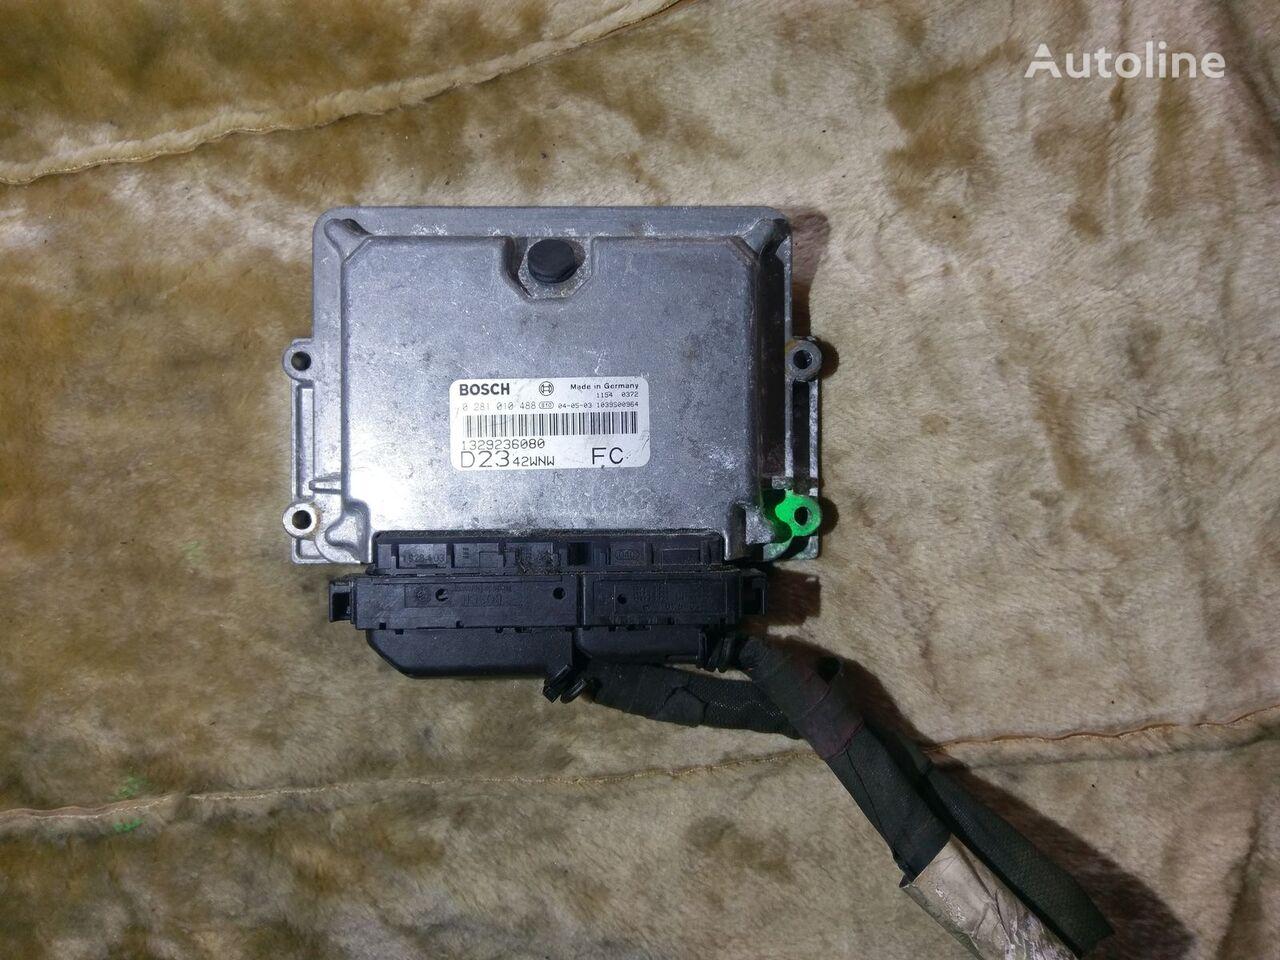 BOSCH control unit for FIAT DUCATO automobile